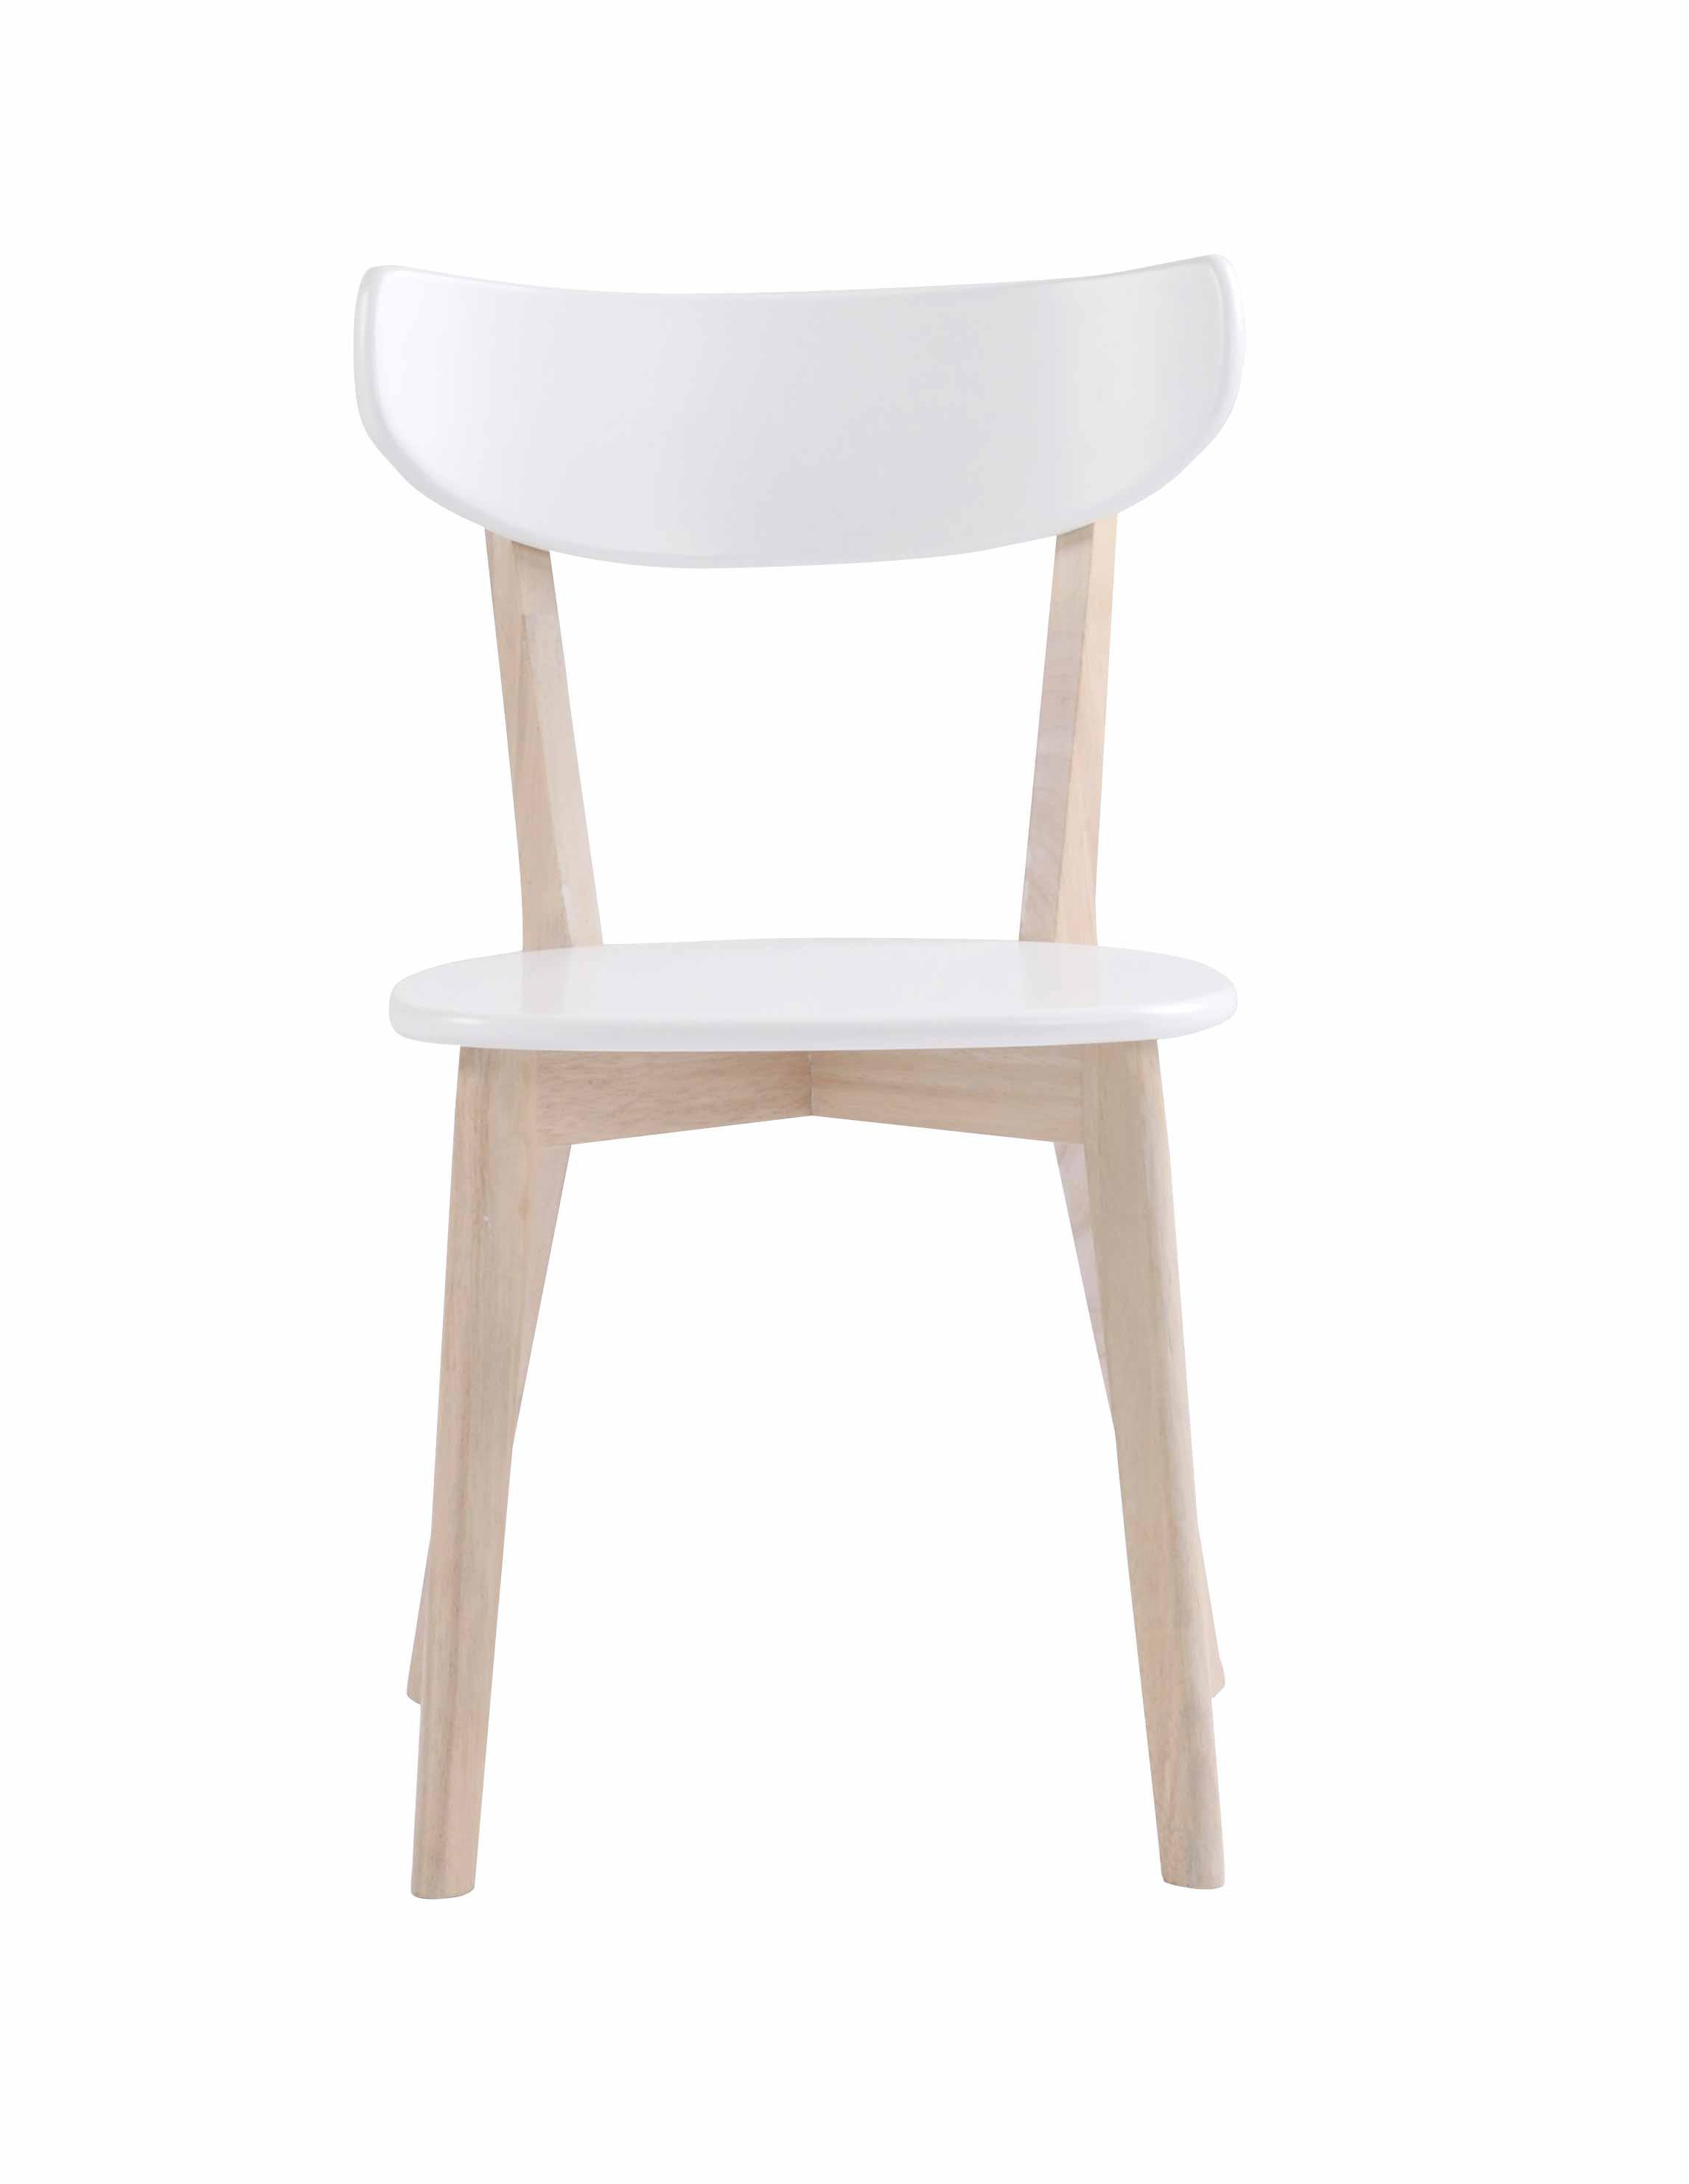 Sanna spisebordsstol - Hvidpigmenteret egetræ